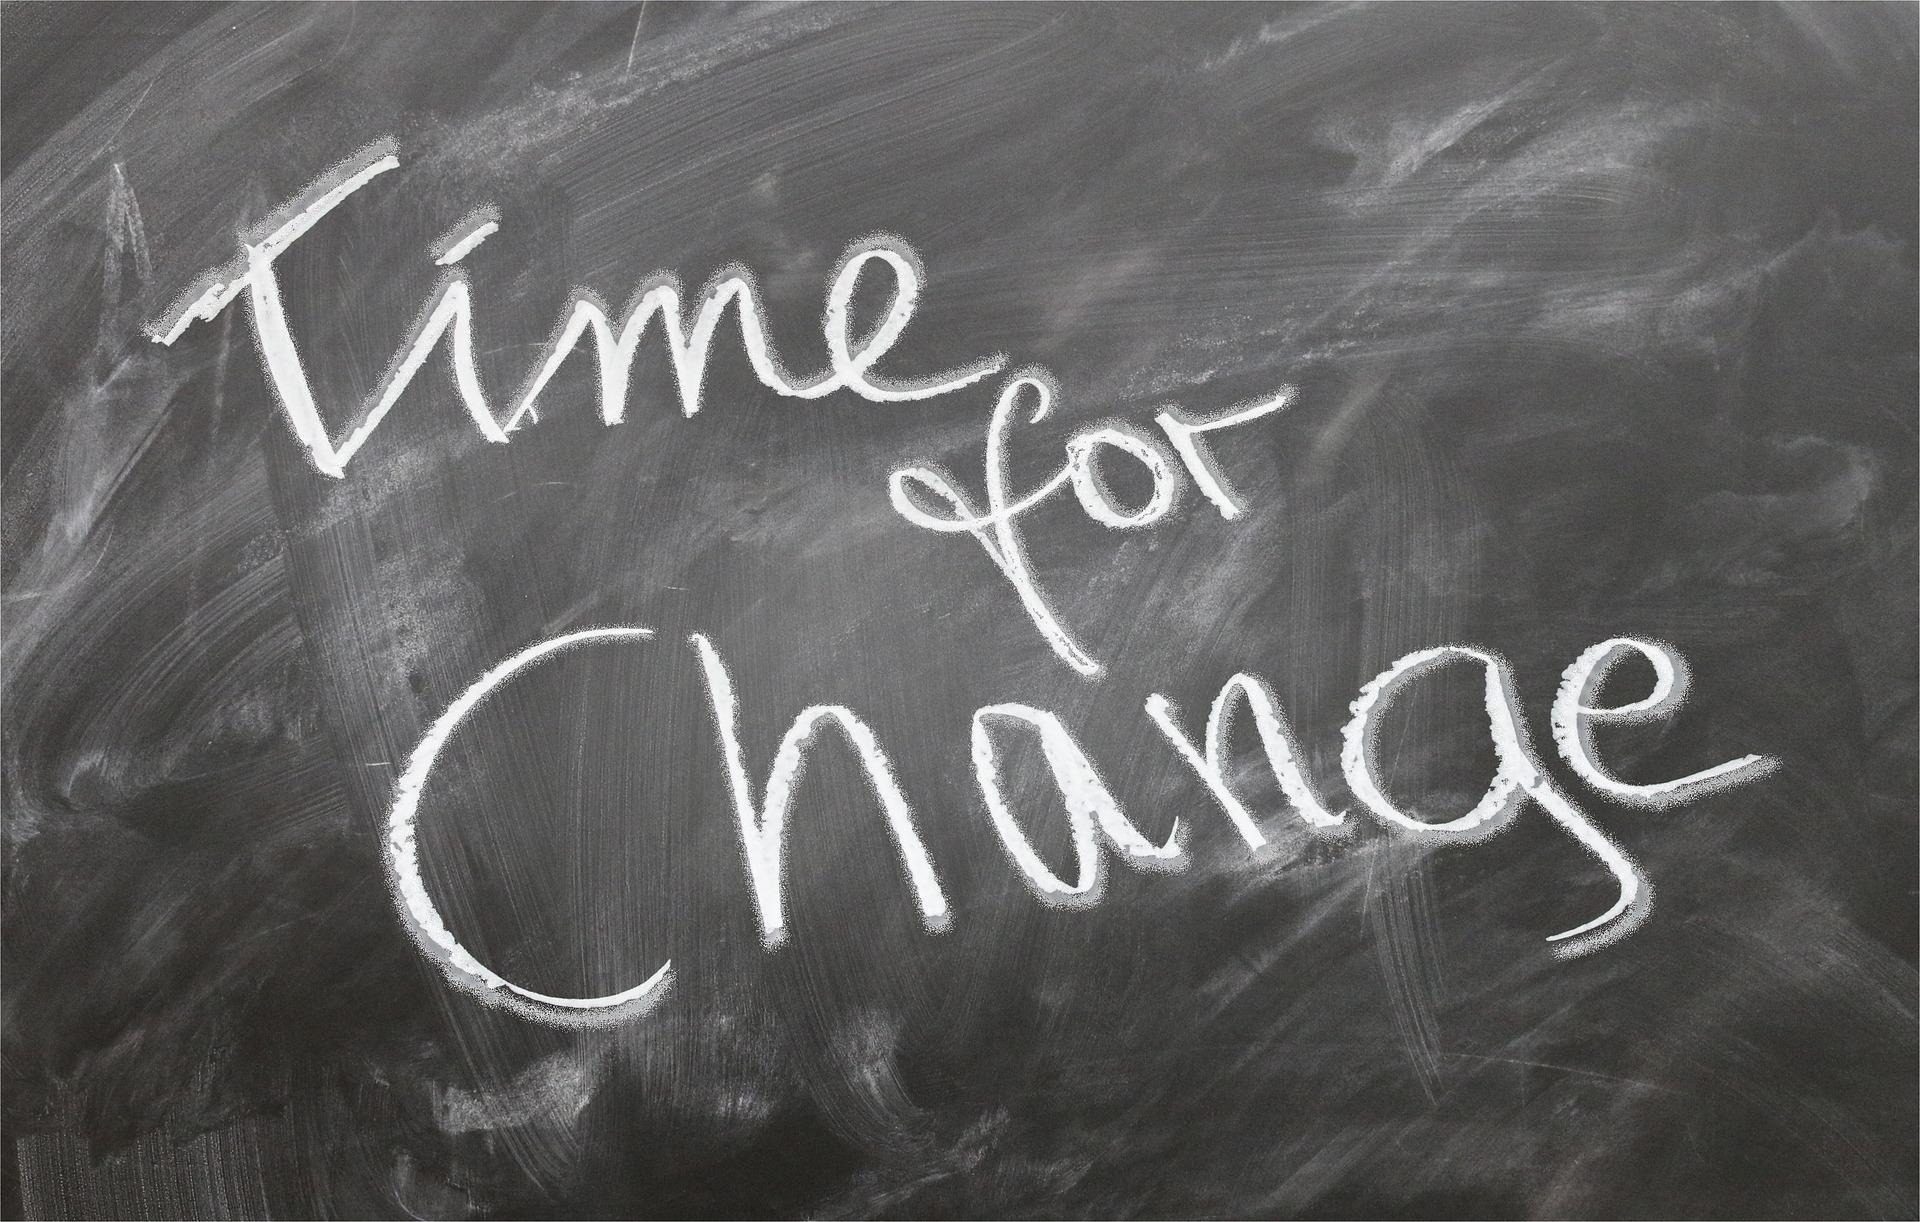 SEBI New Rule - SEBI's New Stock Margin Pledge Rules - SEBI's New Guidelines